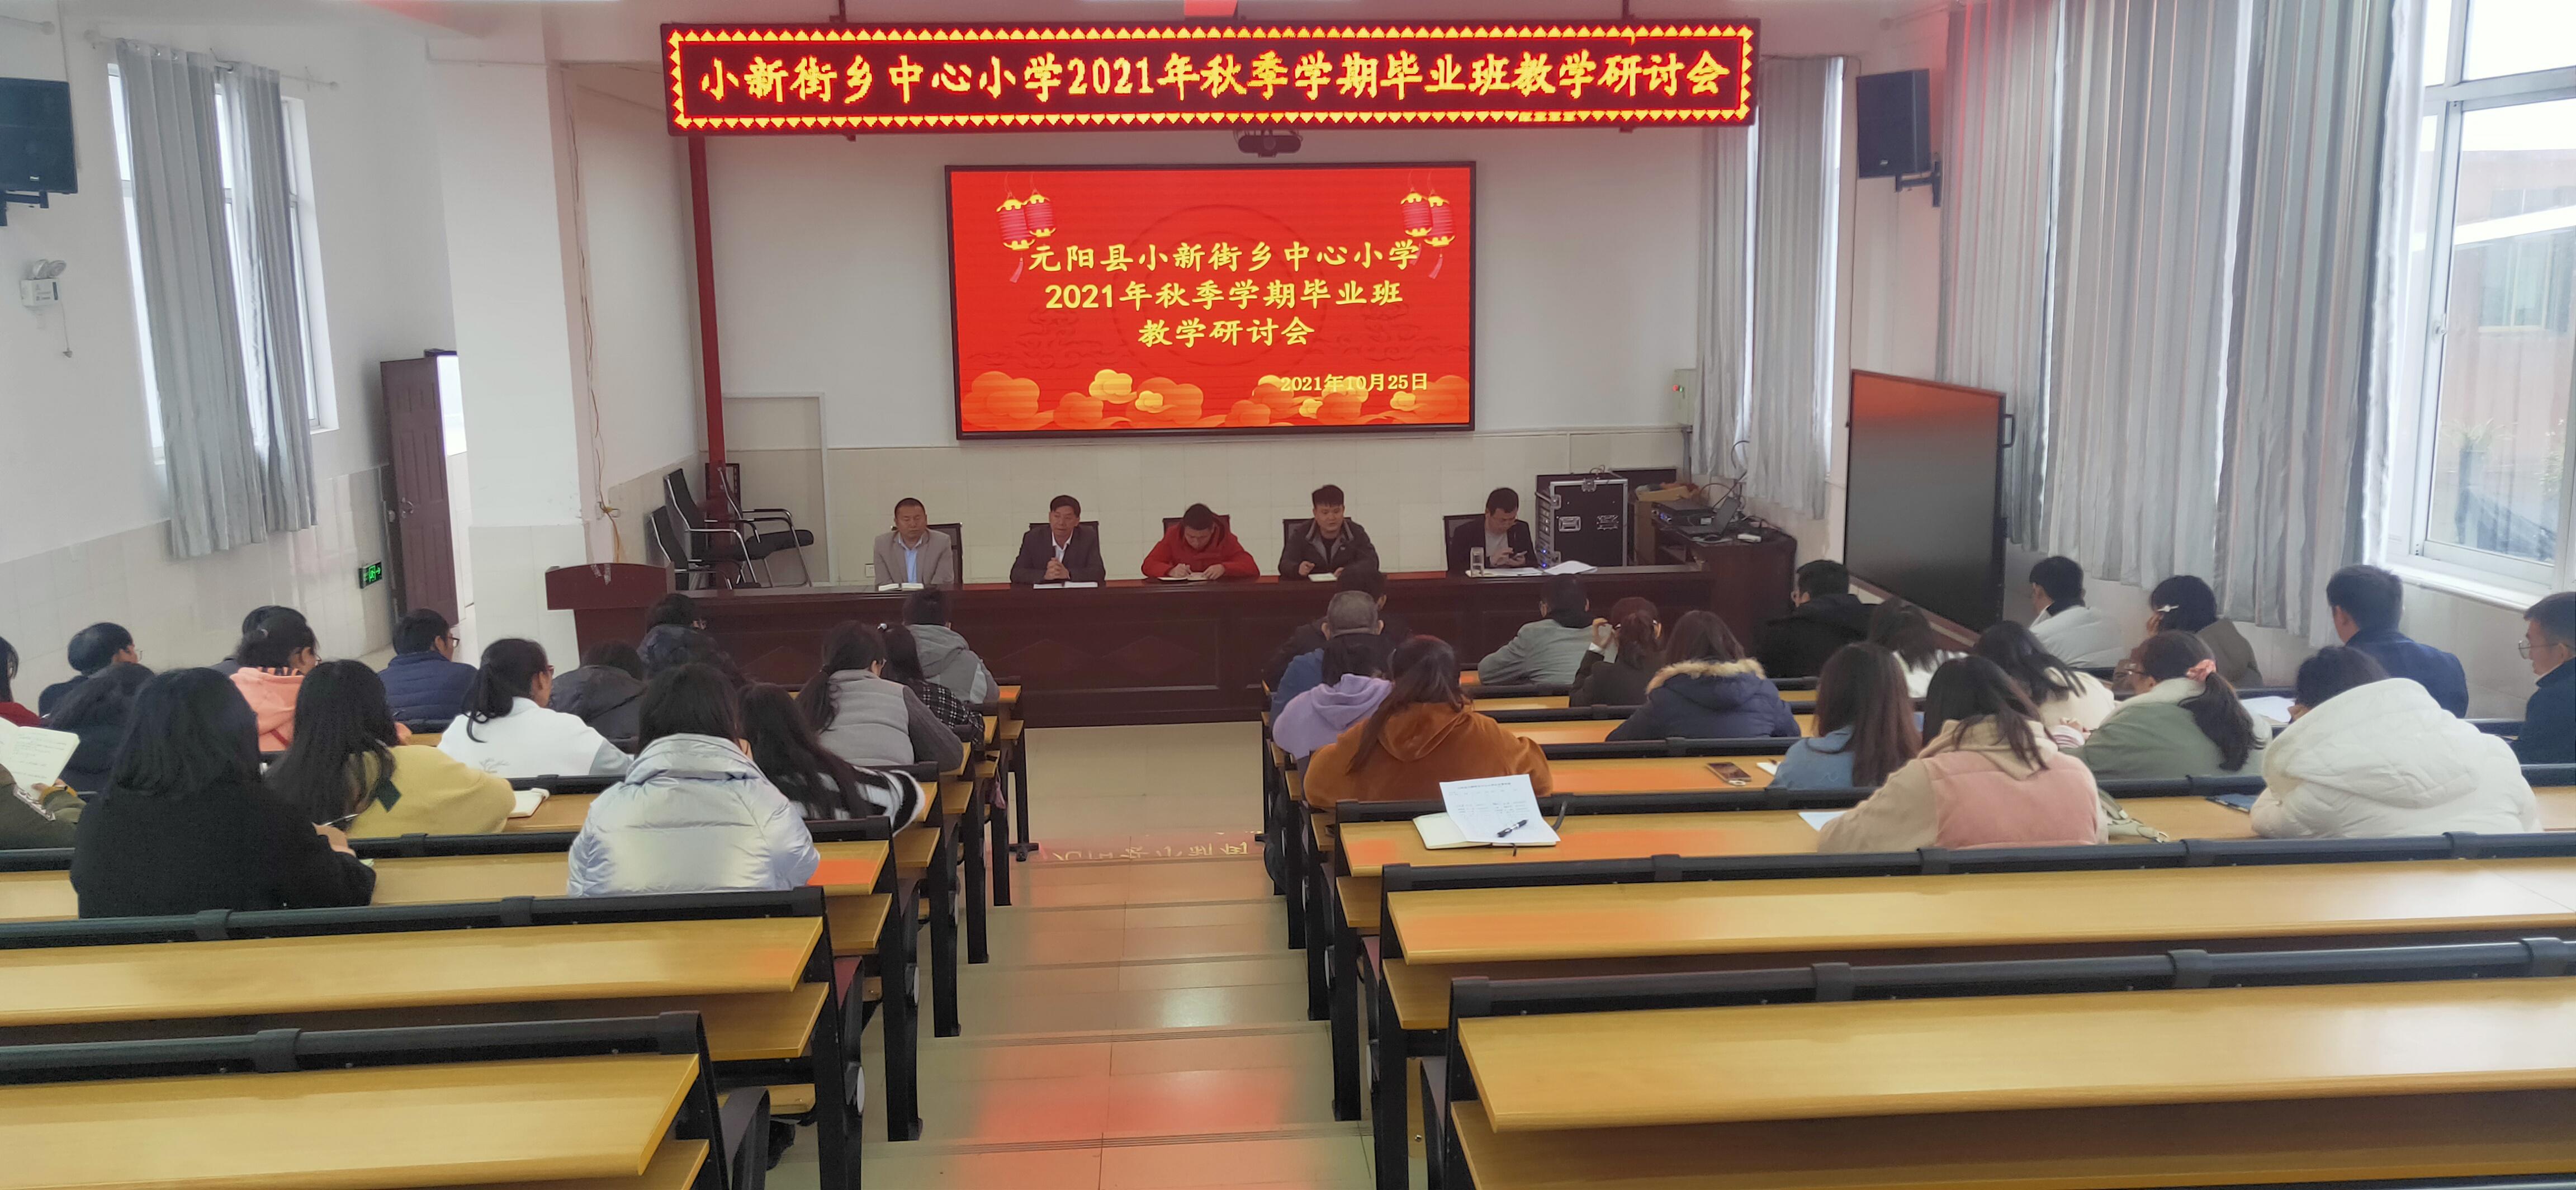 小新街乡中心小学召开教学研讨会